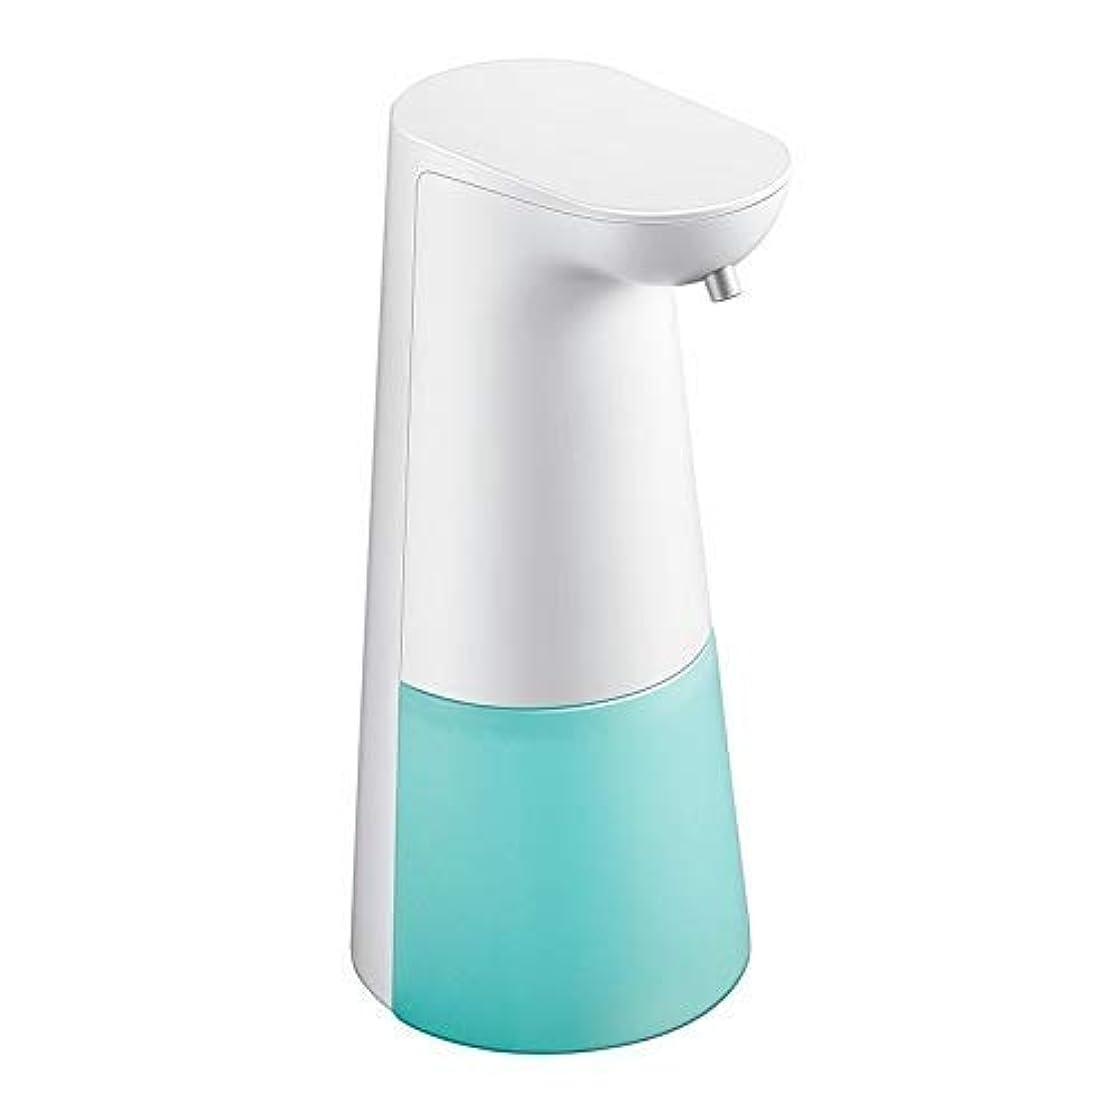 フリンジキネマティクス師匠自動誘導の泡の石鹸機械ホテルの泡の石鹸ディスペンサーの自動手の消毒剤